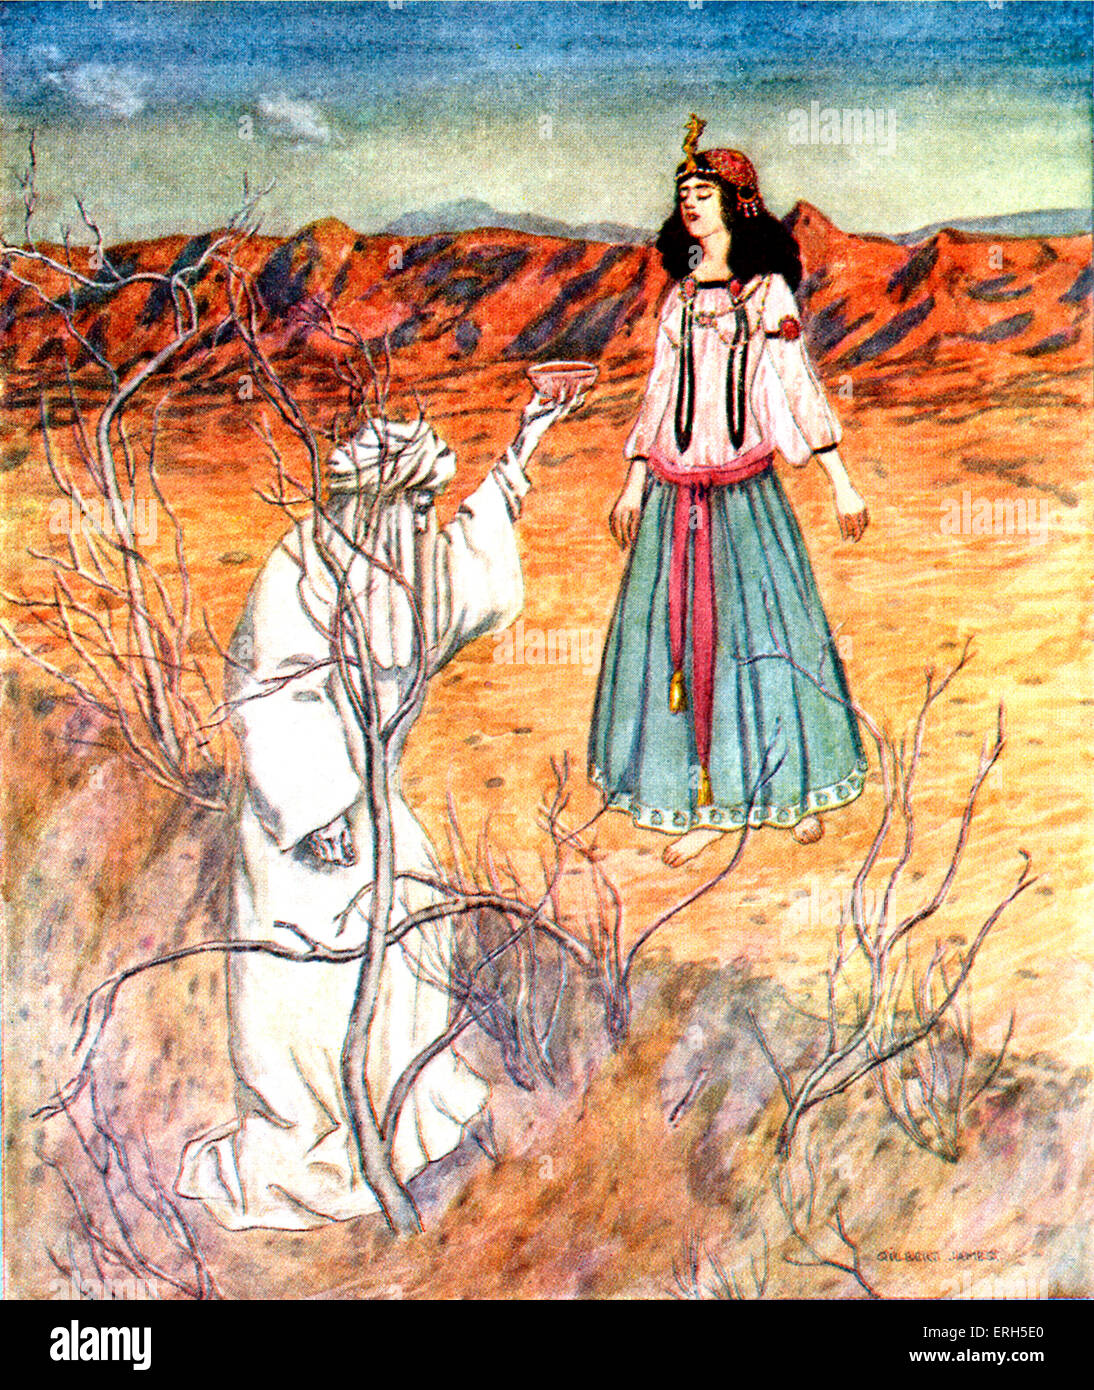 Rubaiyat De Omar Khayyam Traducido Por Edward Fitzgerald